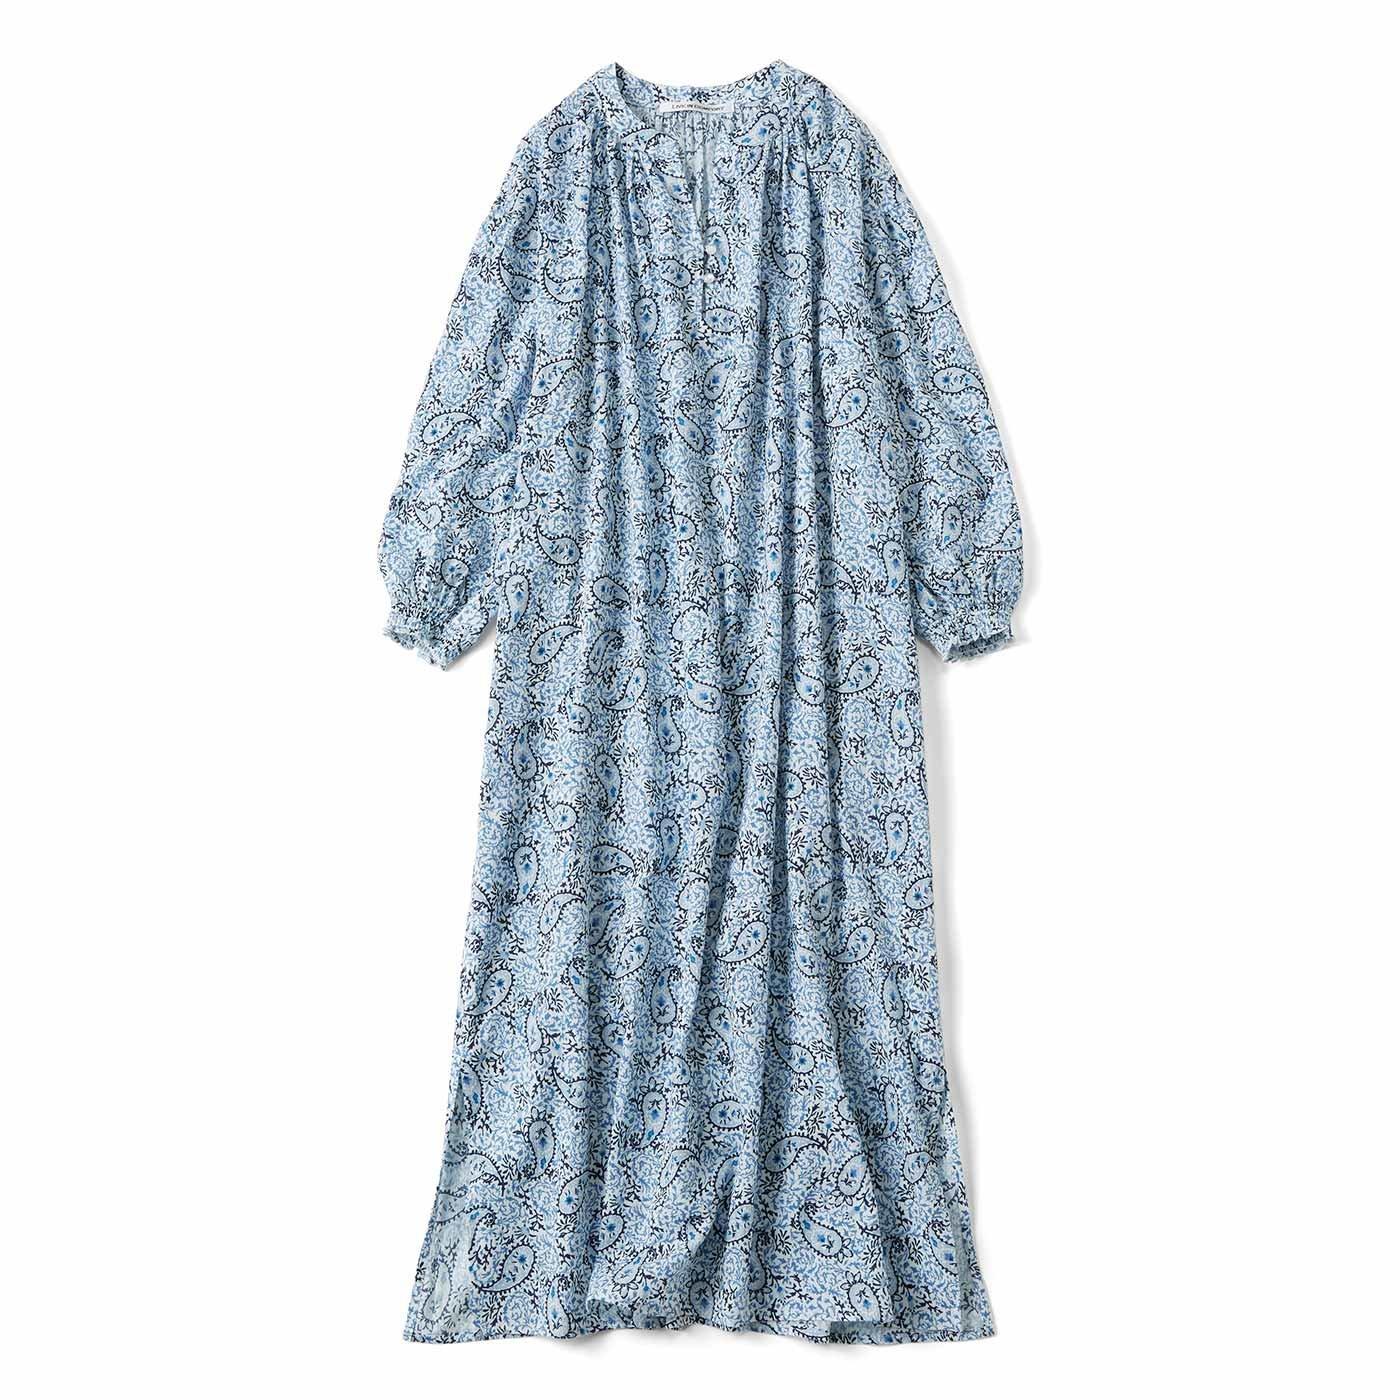 リブ イン コンフォート 世界の模様を身にまとう 楊柳(ようりゅう)素材のドレスワンピース〈ペイズリー〉